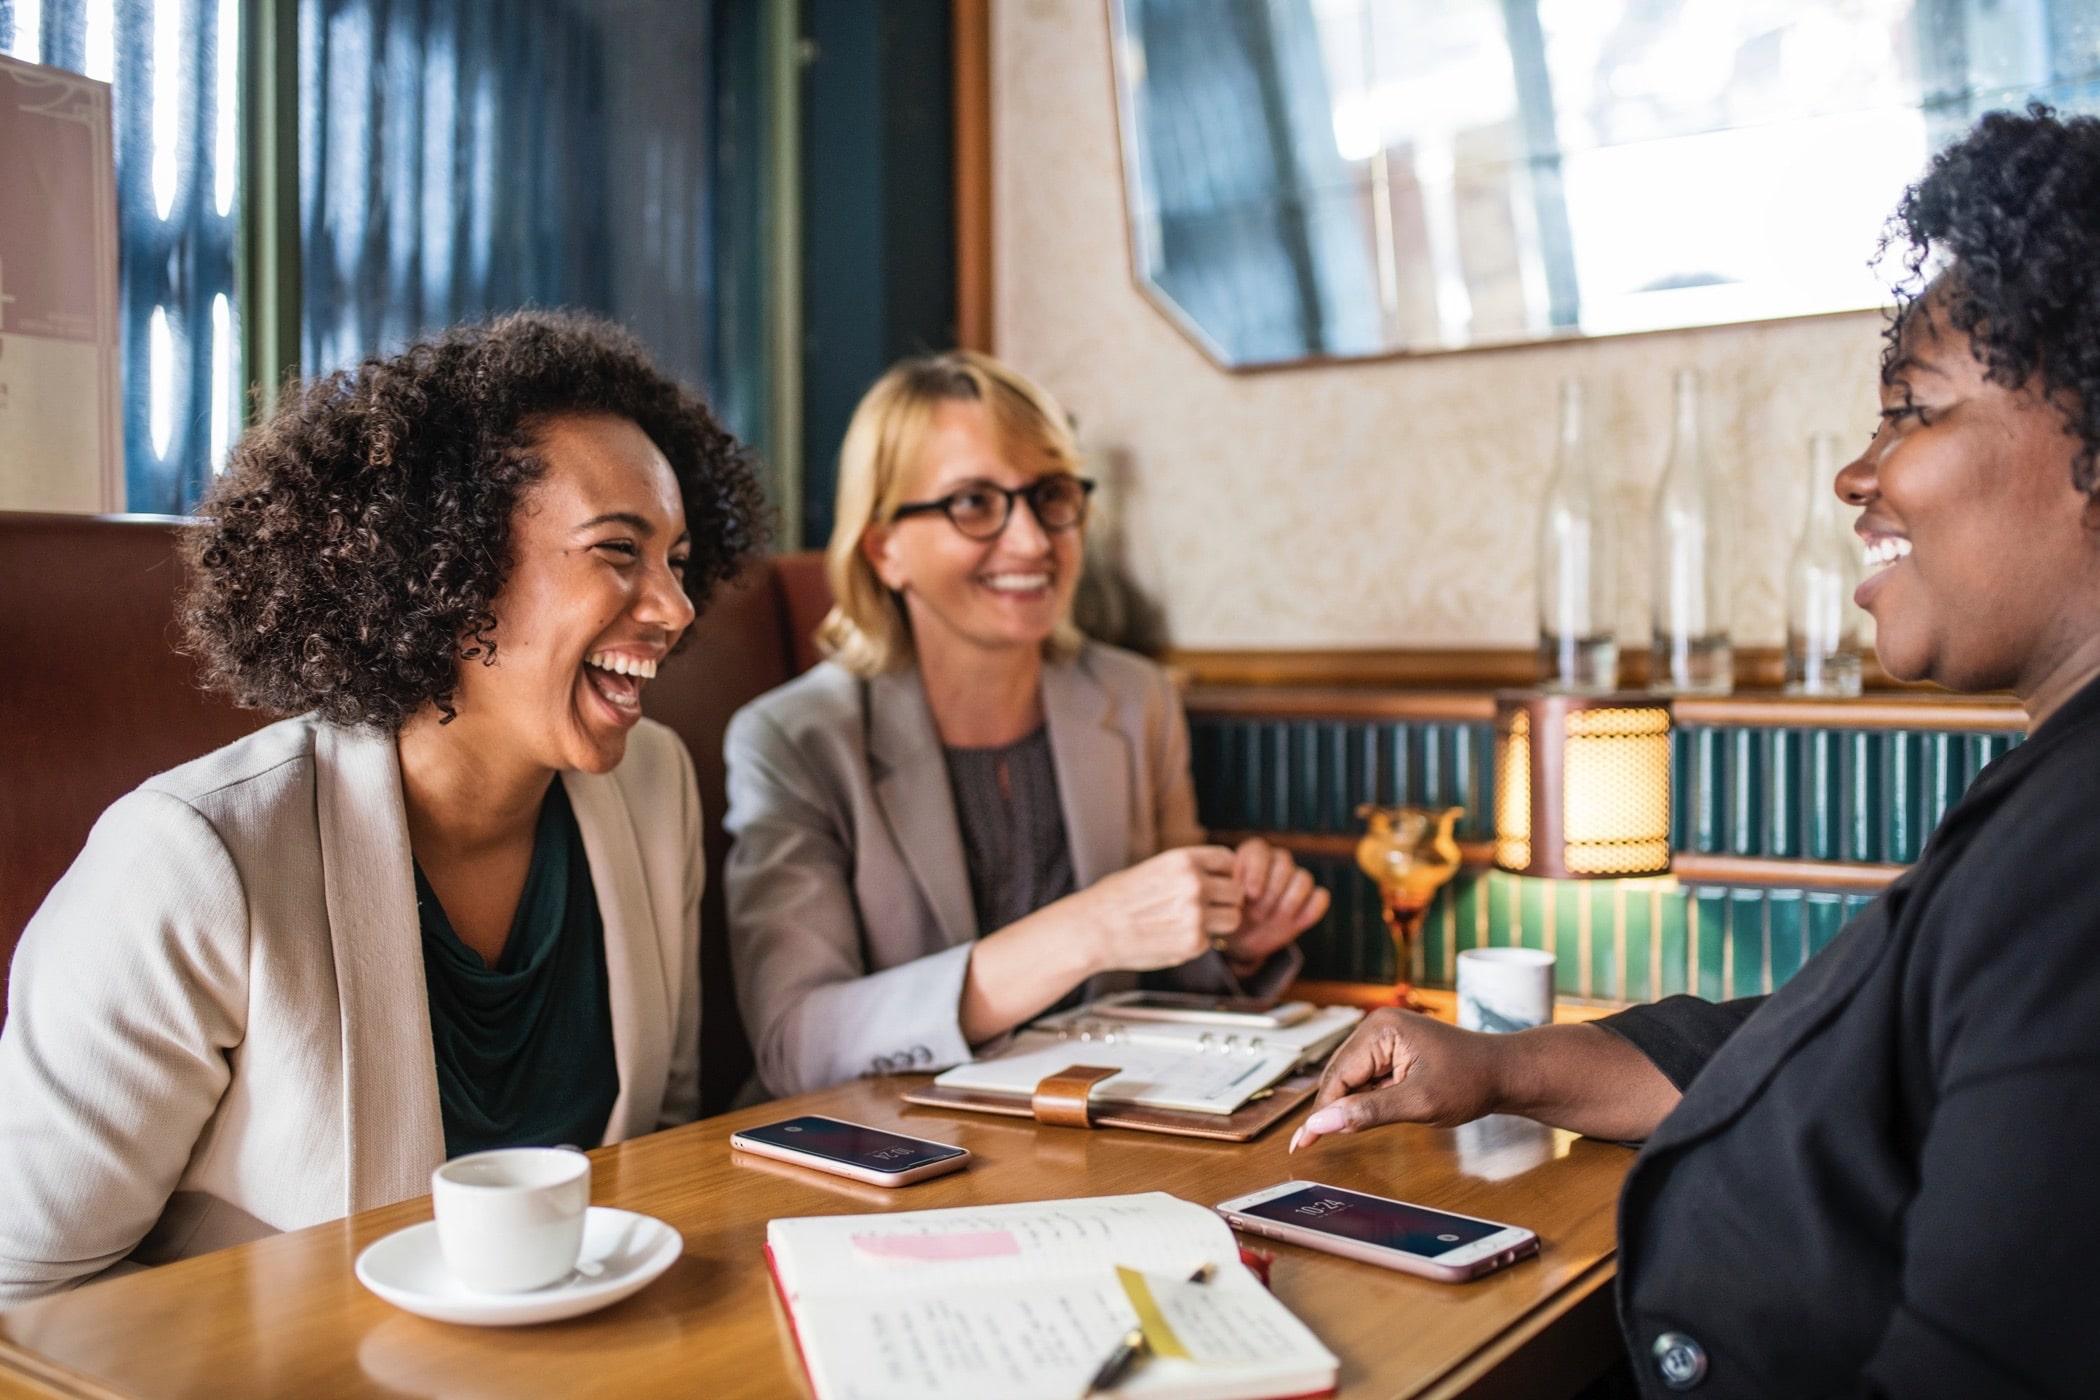 Beim Stakeholder Engagement Kommunikation in den Mittelpunkt stellen